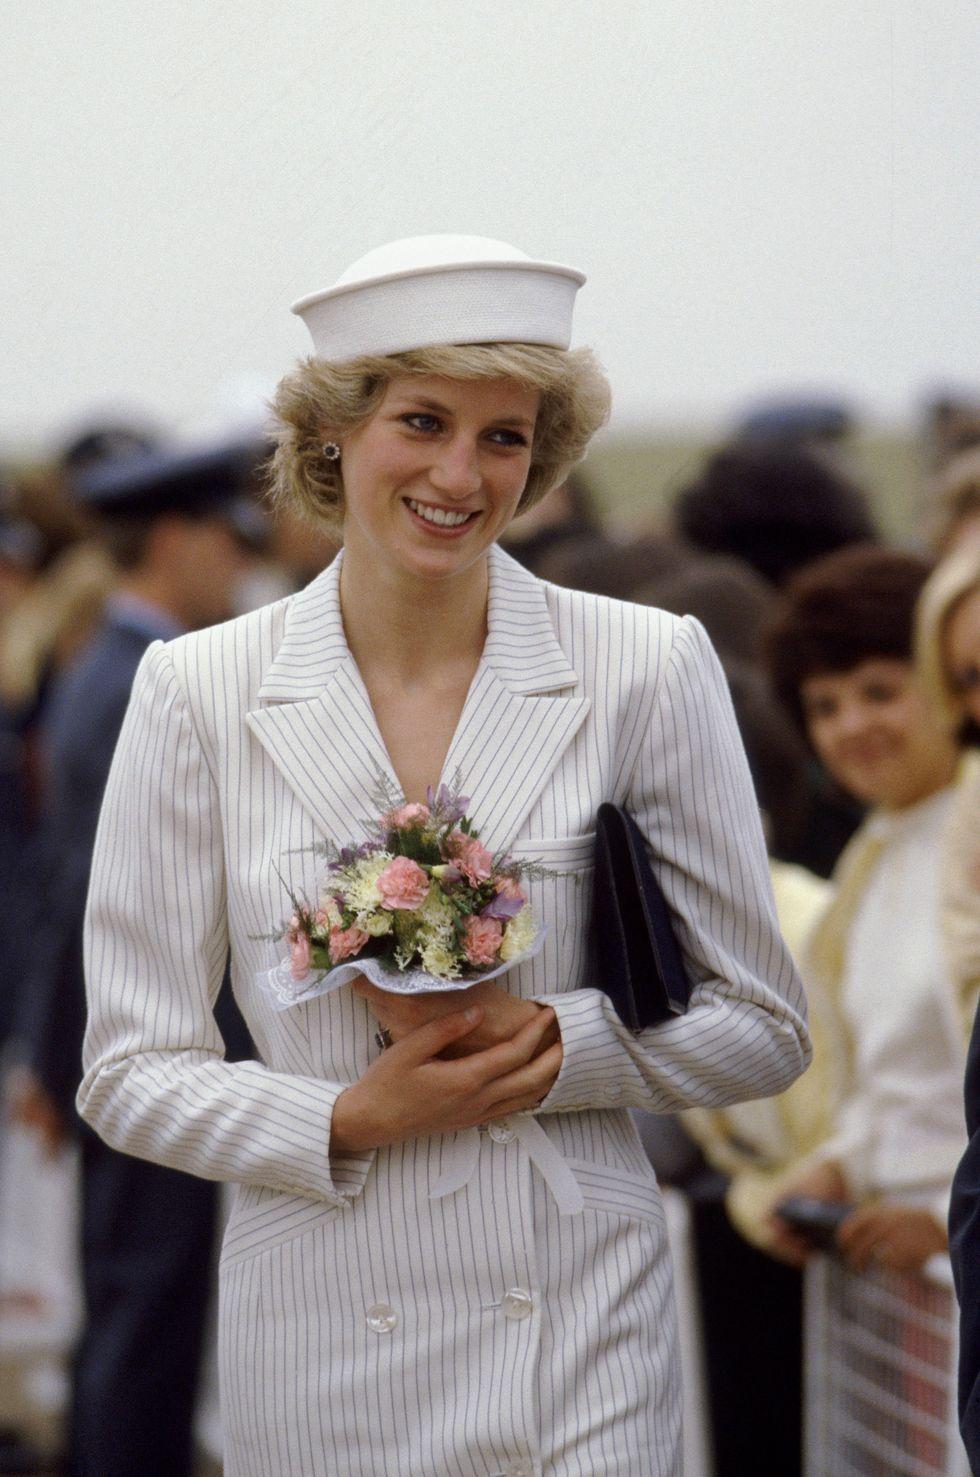 黛安娜王妃,黛妃,黛安娜,princess diana ,威廉王子,哈利王子,英國皇室,英國王室